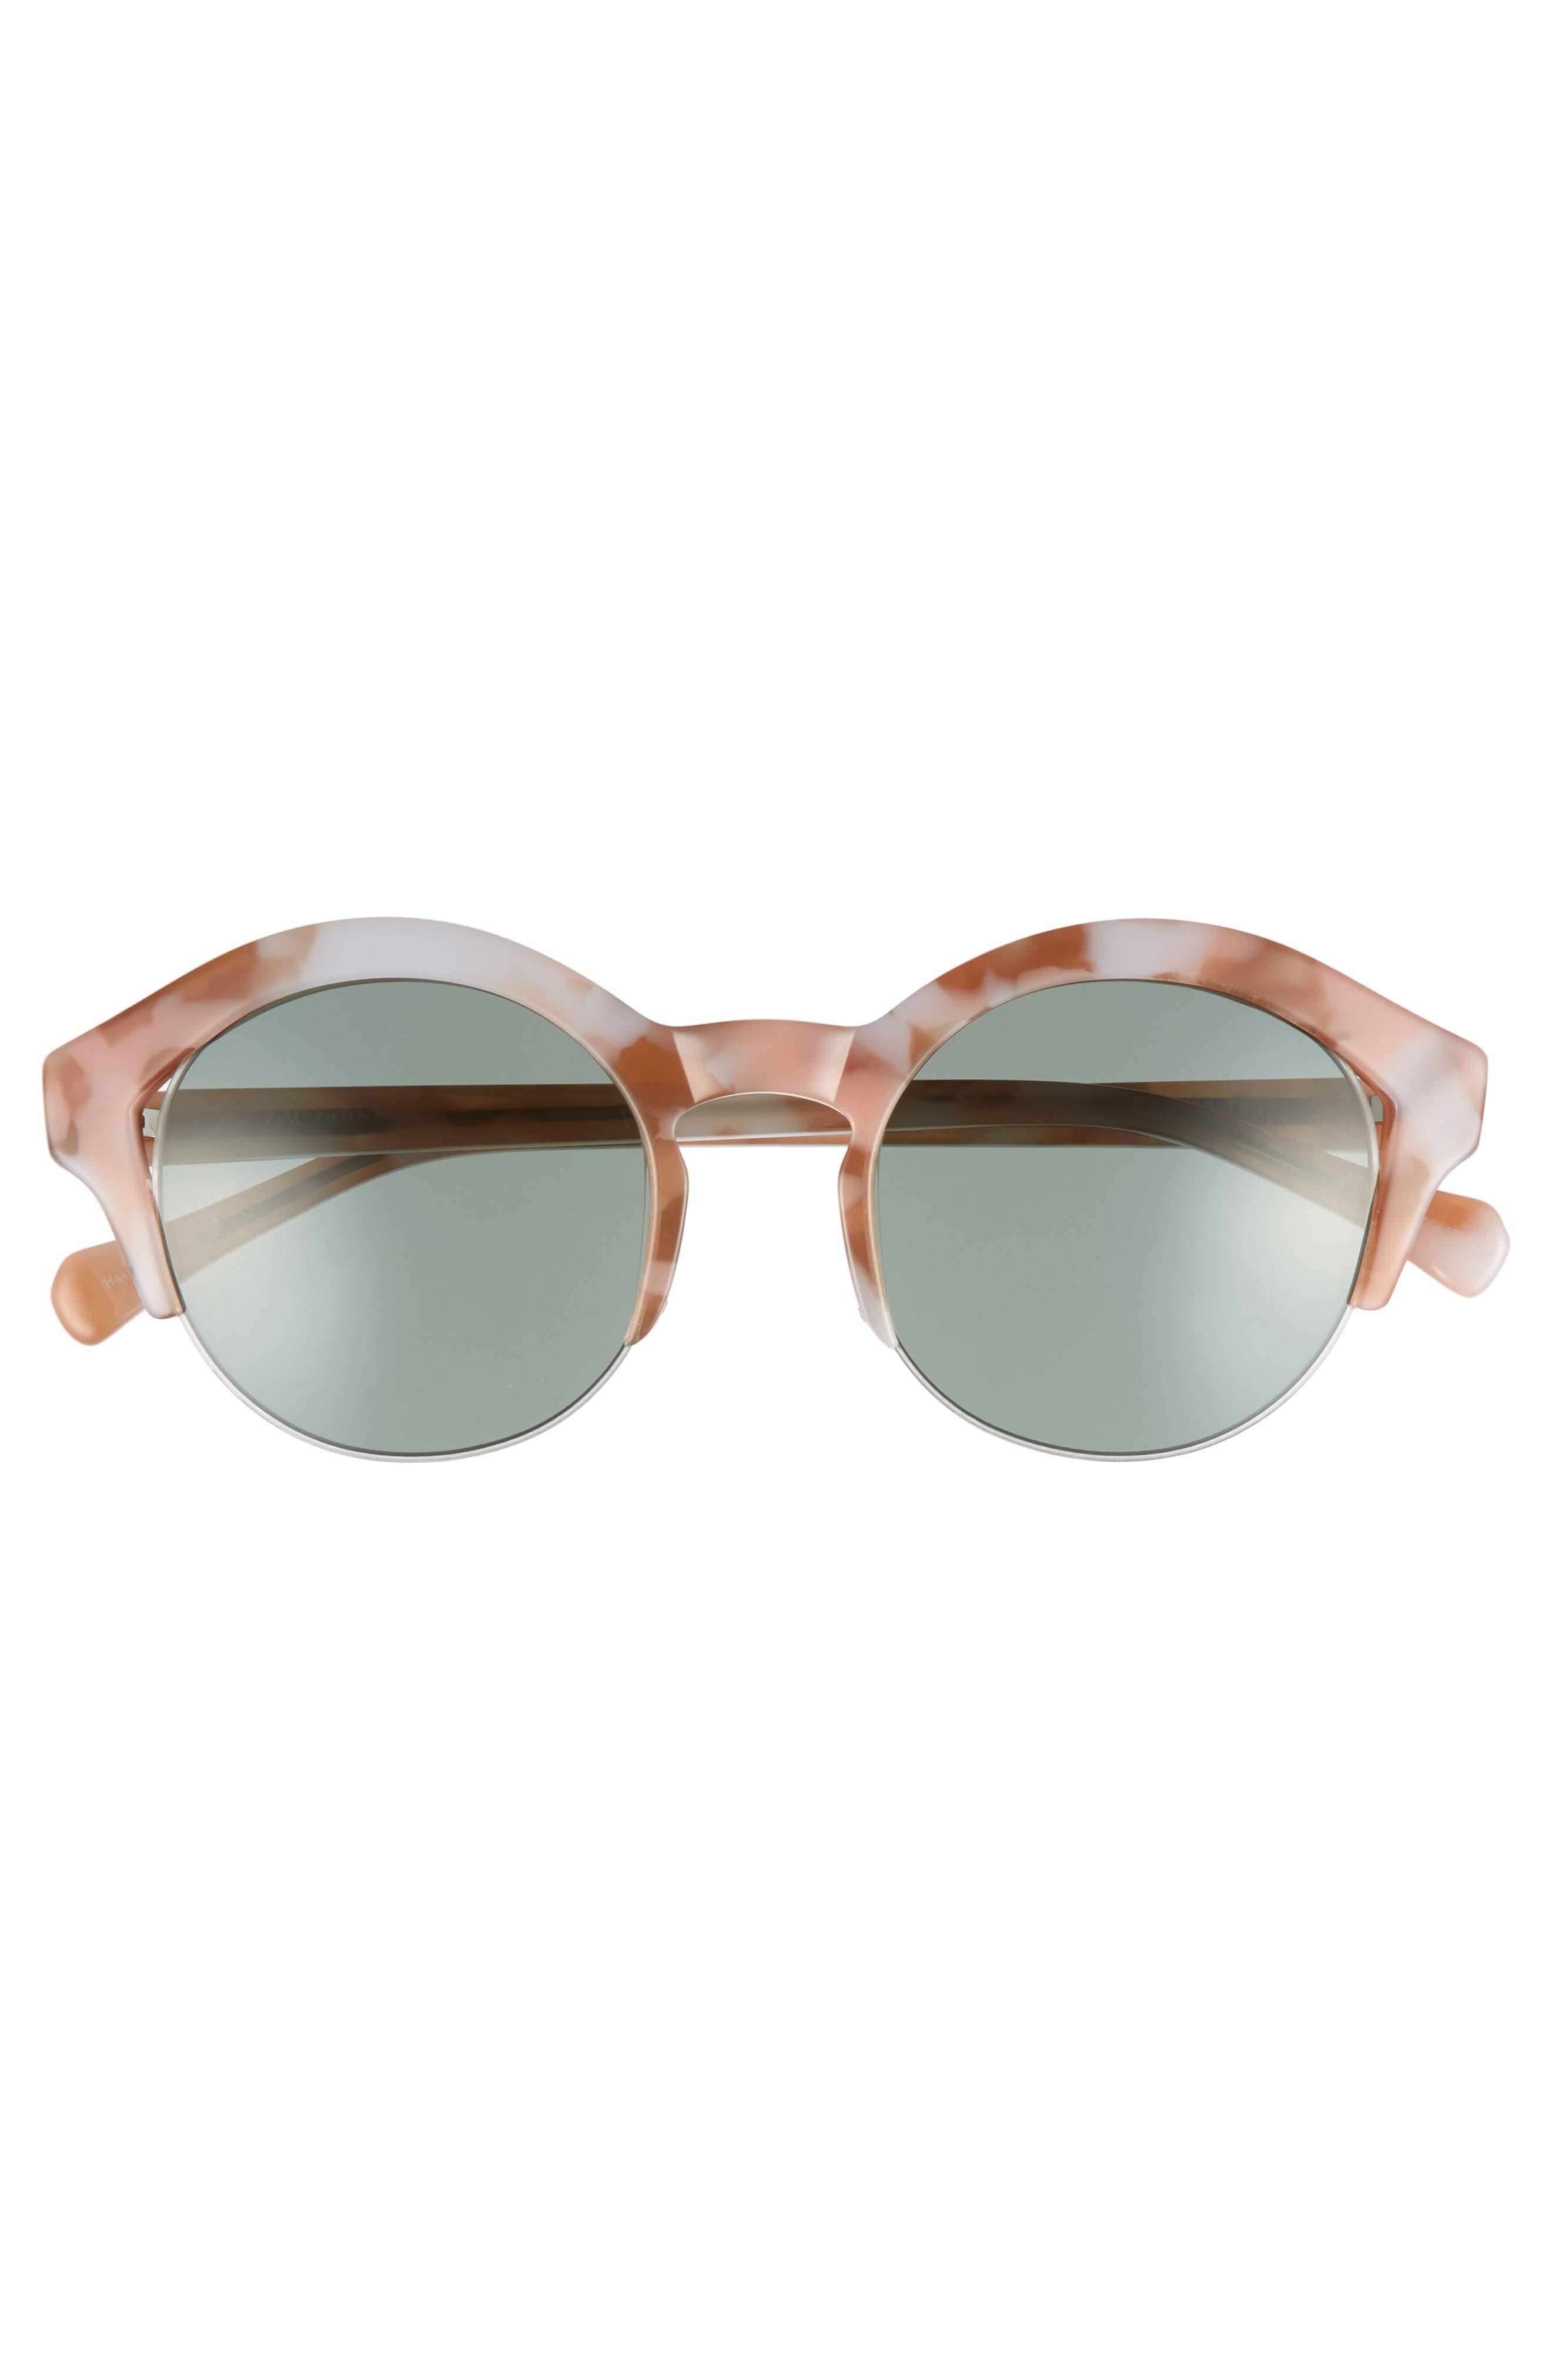 Bren 51mm Half-Rim Sunglasses,                             Alternate thumbnail 3, color,                             Pink/ Tortoise Green